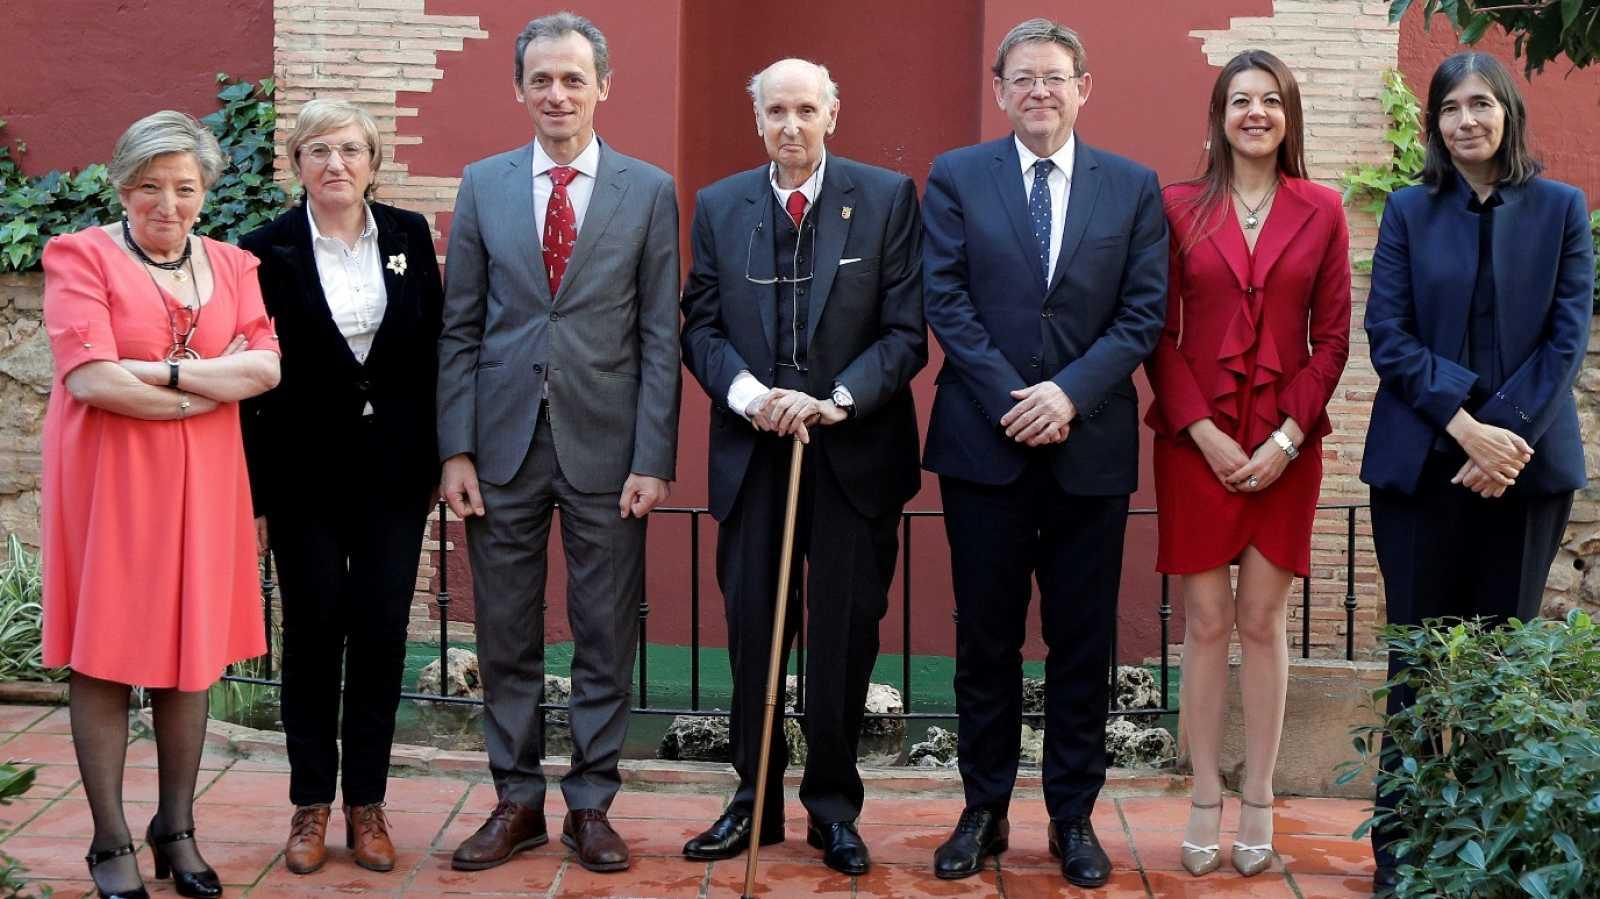 L'Informatiu - Comunitat Valenciana - 10/02/20 - ver ahora